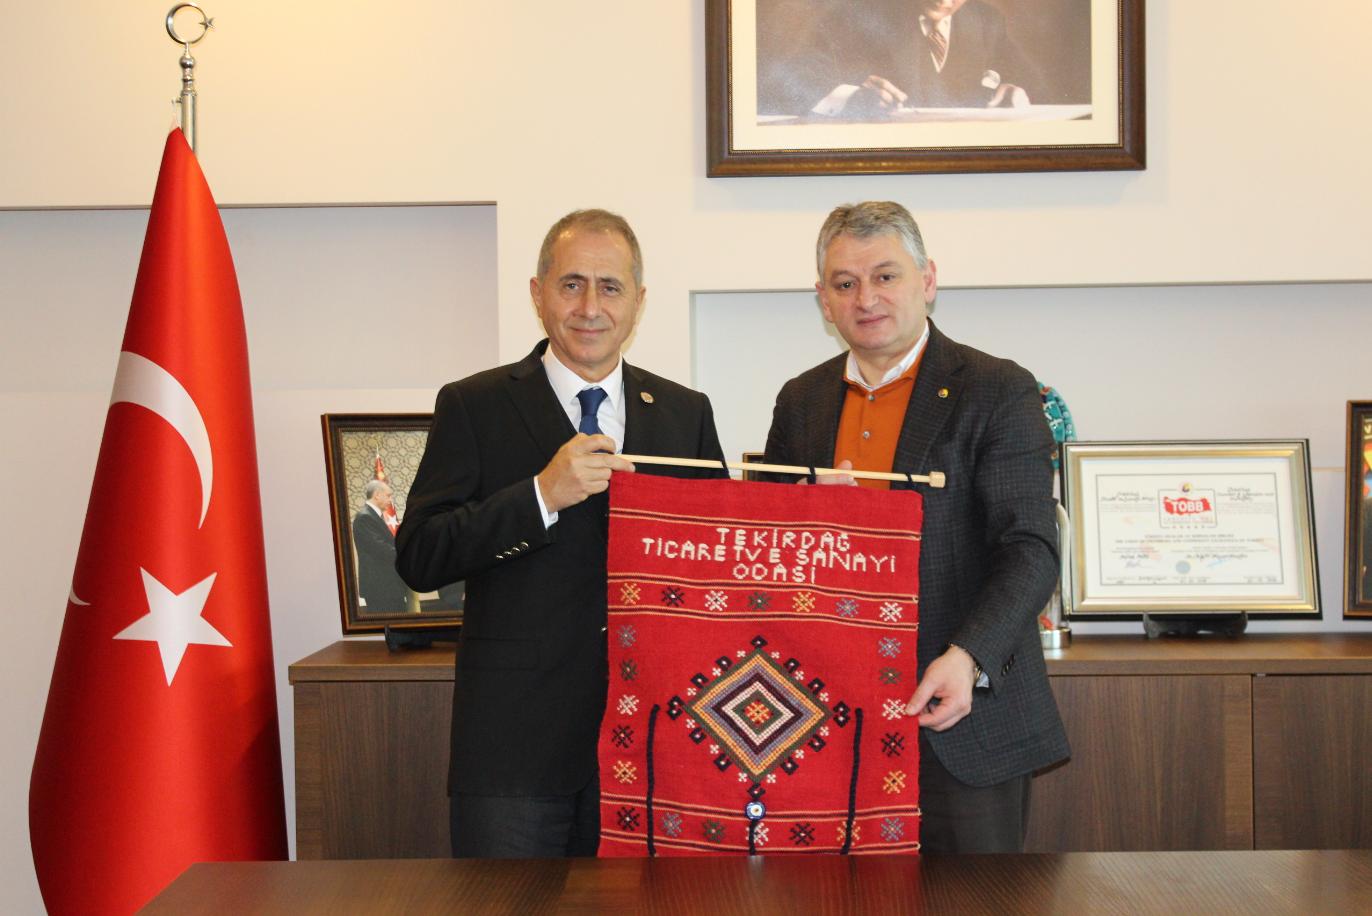 Rumeli Üniversitesi Rektörü Tekirdağ TSO Başkanı Günay'ı Ziyaret Etti